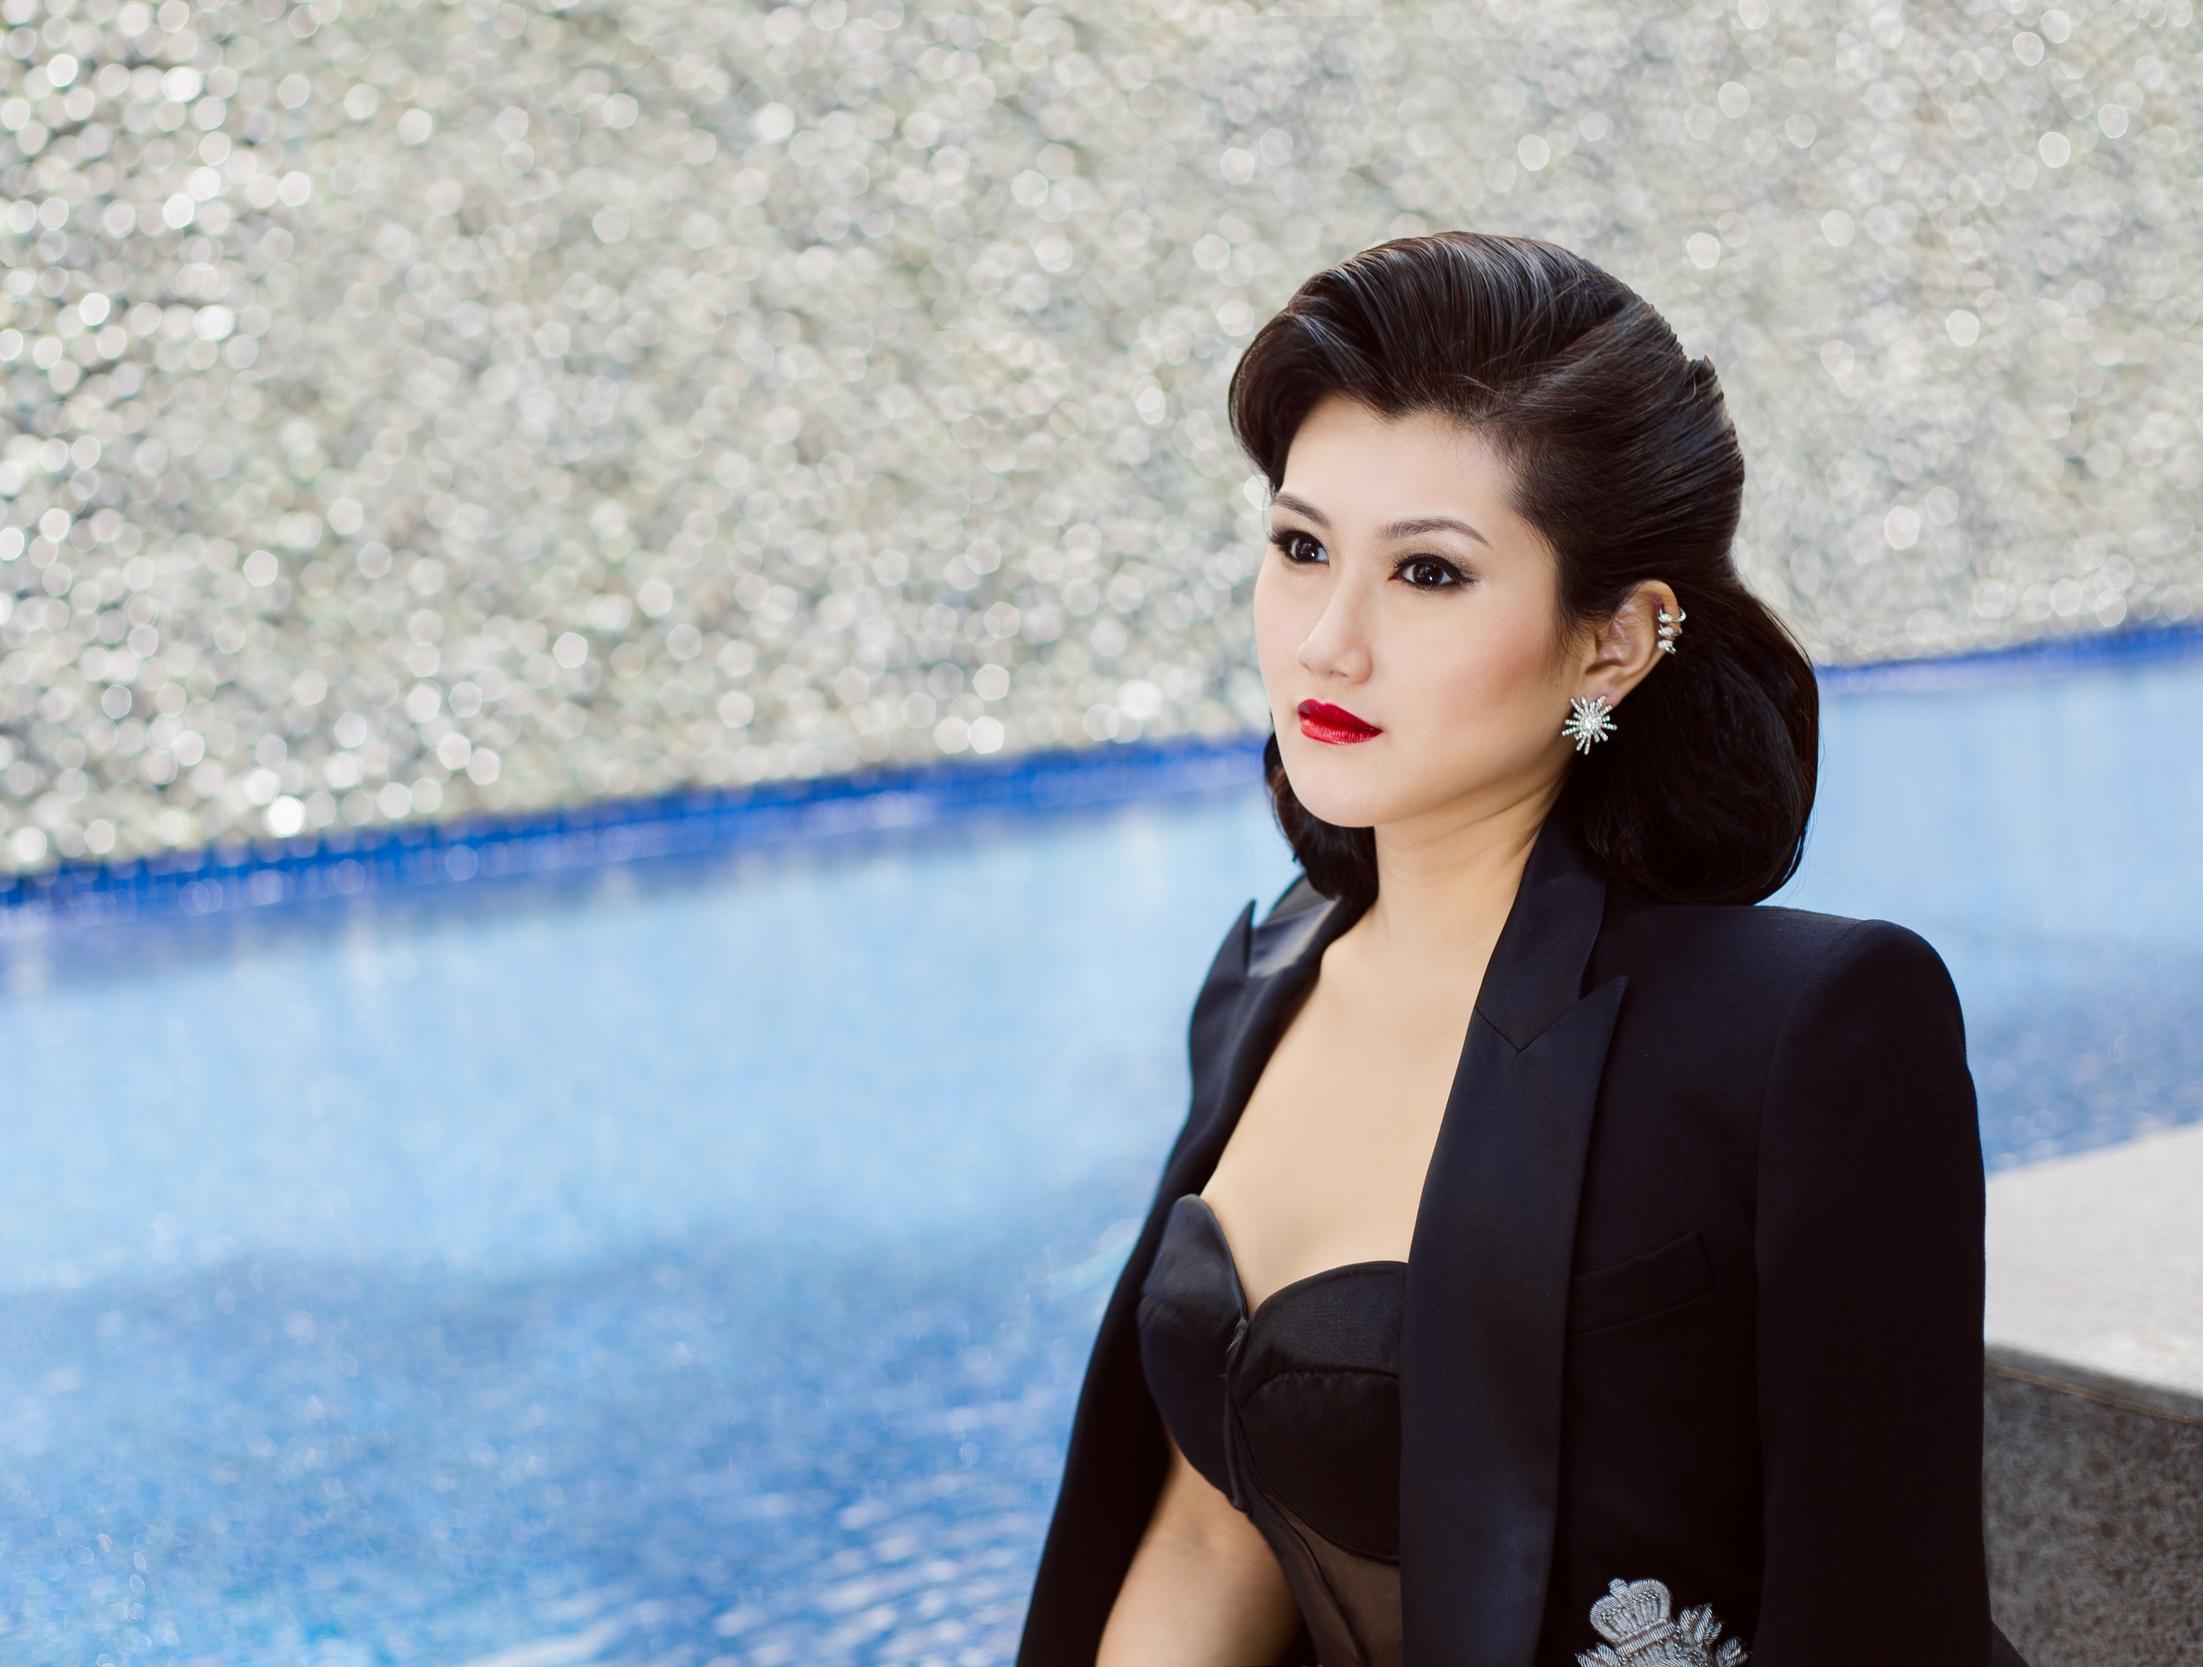 Lydia Glamour Photoshoot - 006.jpg